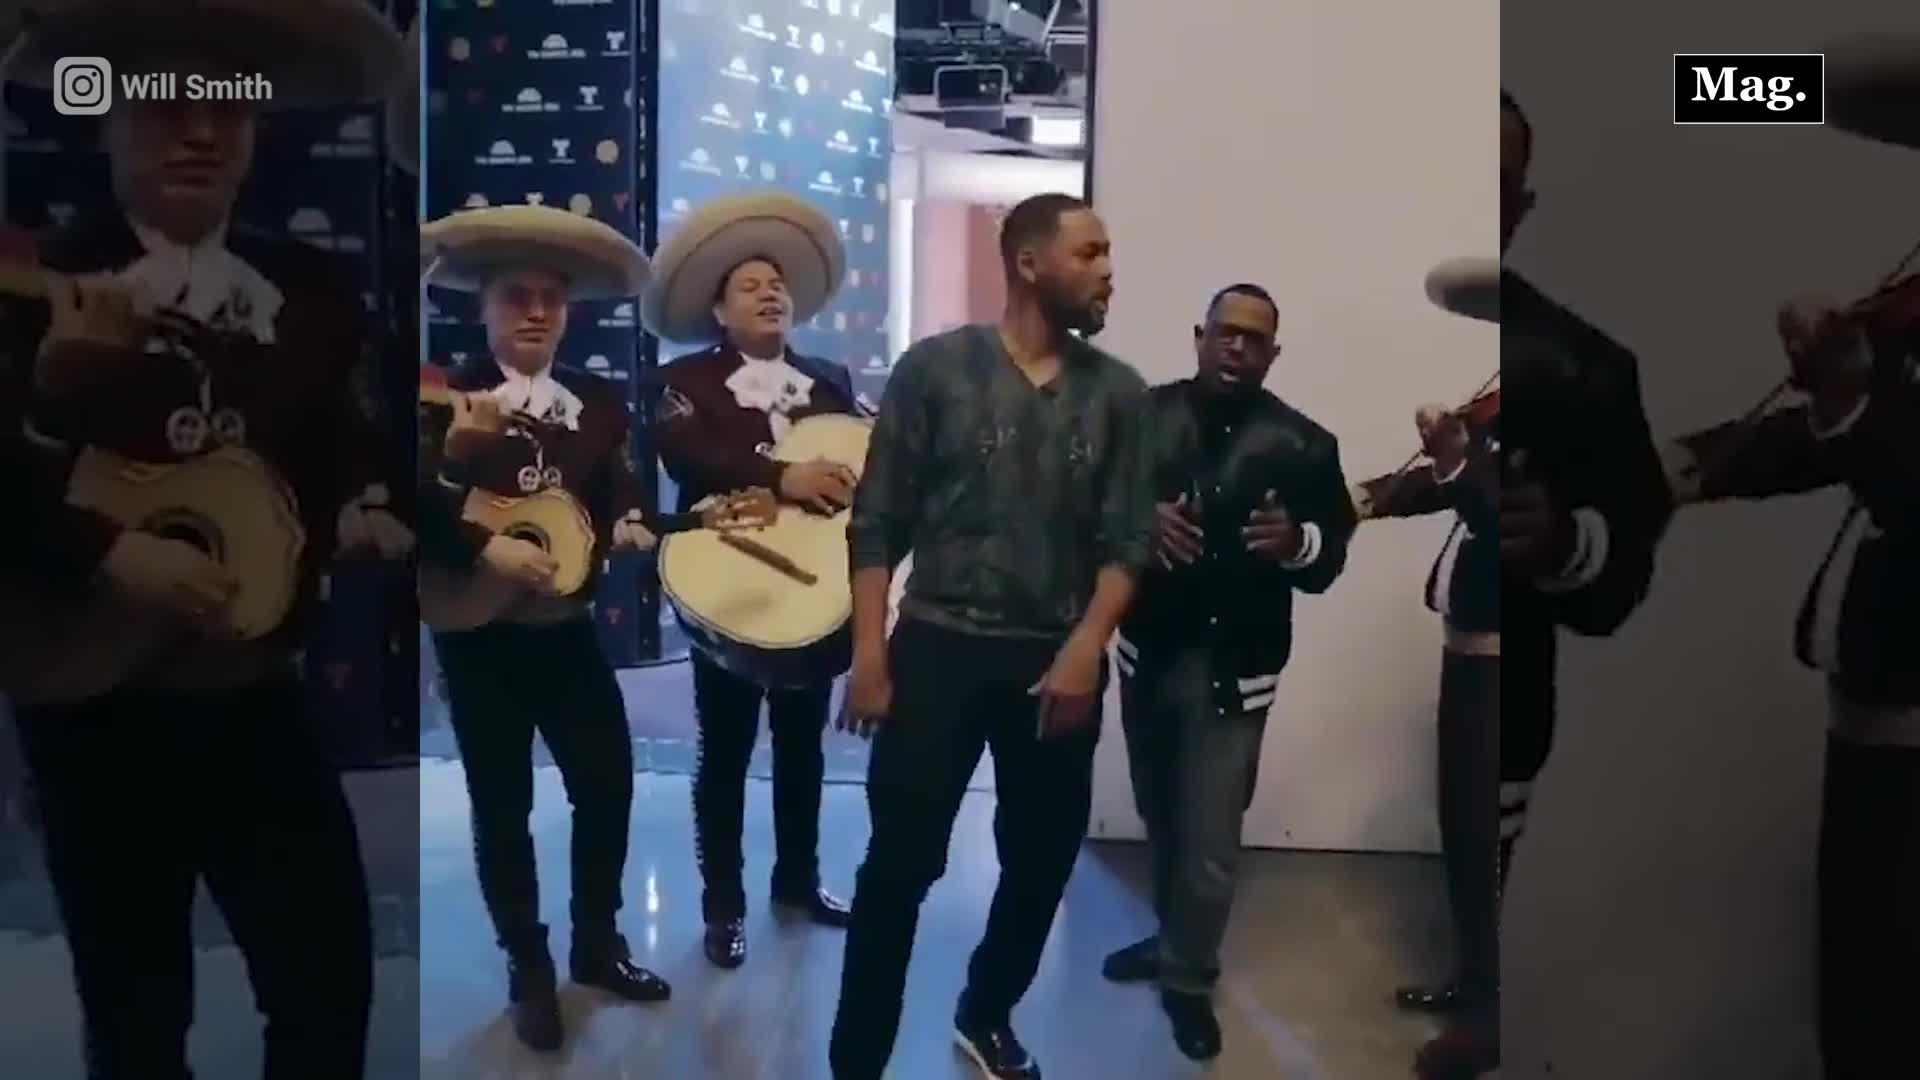 Will Smith sorprende cantando con mariachis la canción de su nueva película